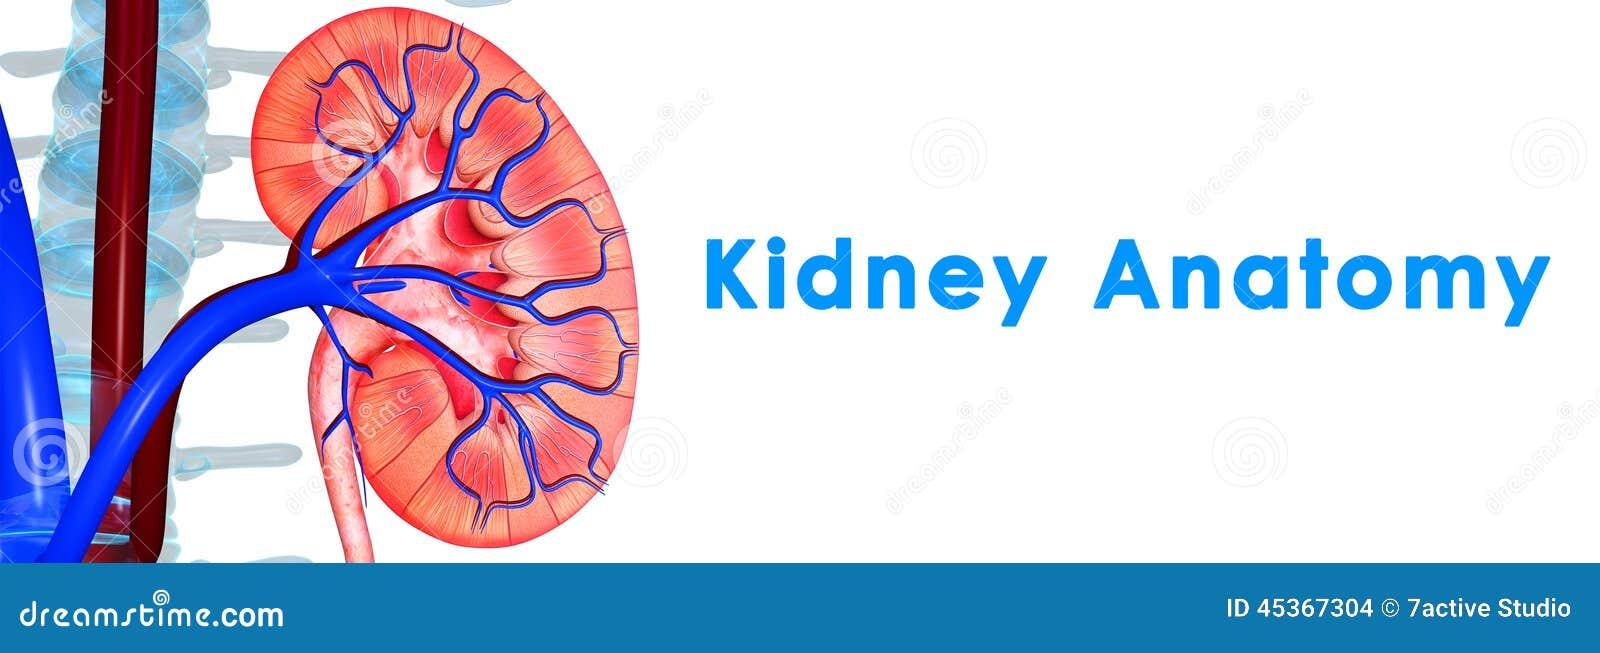 Nierenanatomie stock illustratie. Illustratie bestaande uit voorwerp ...